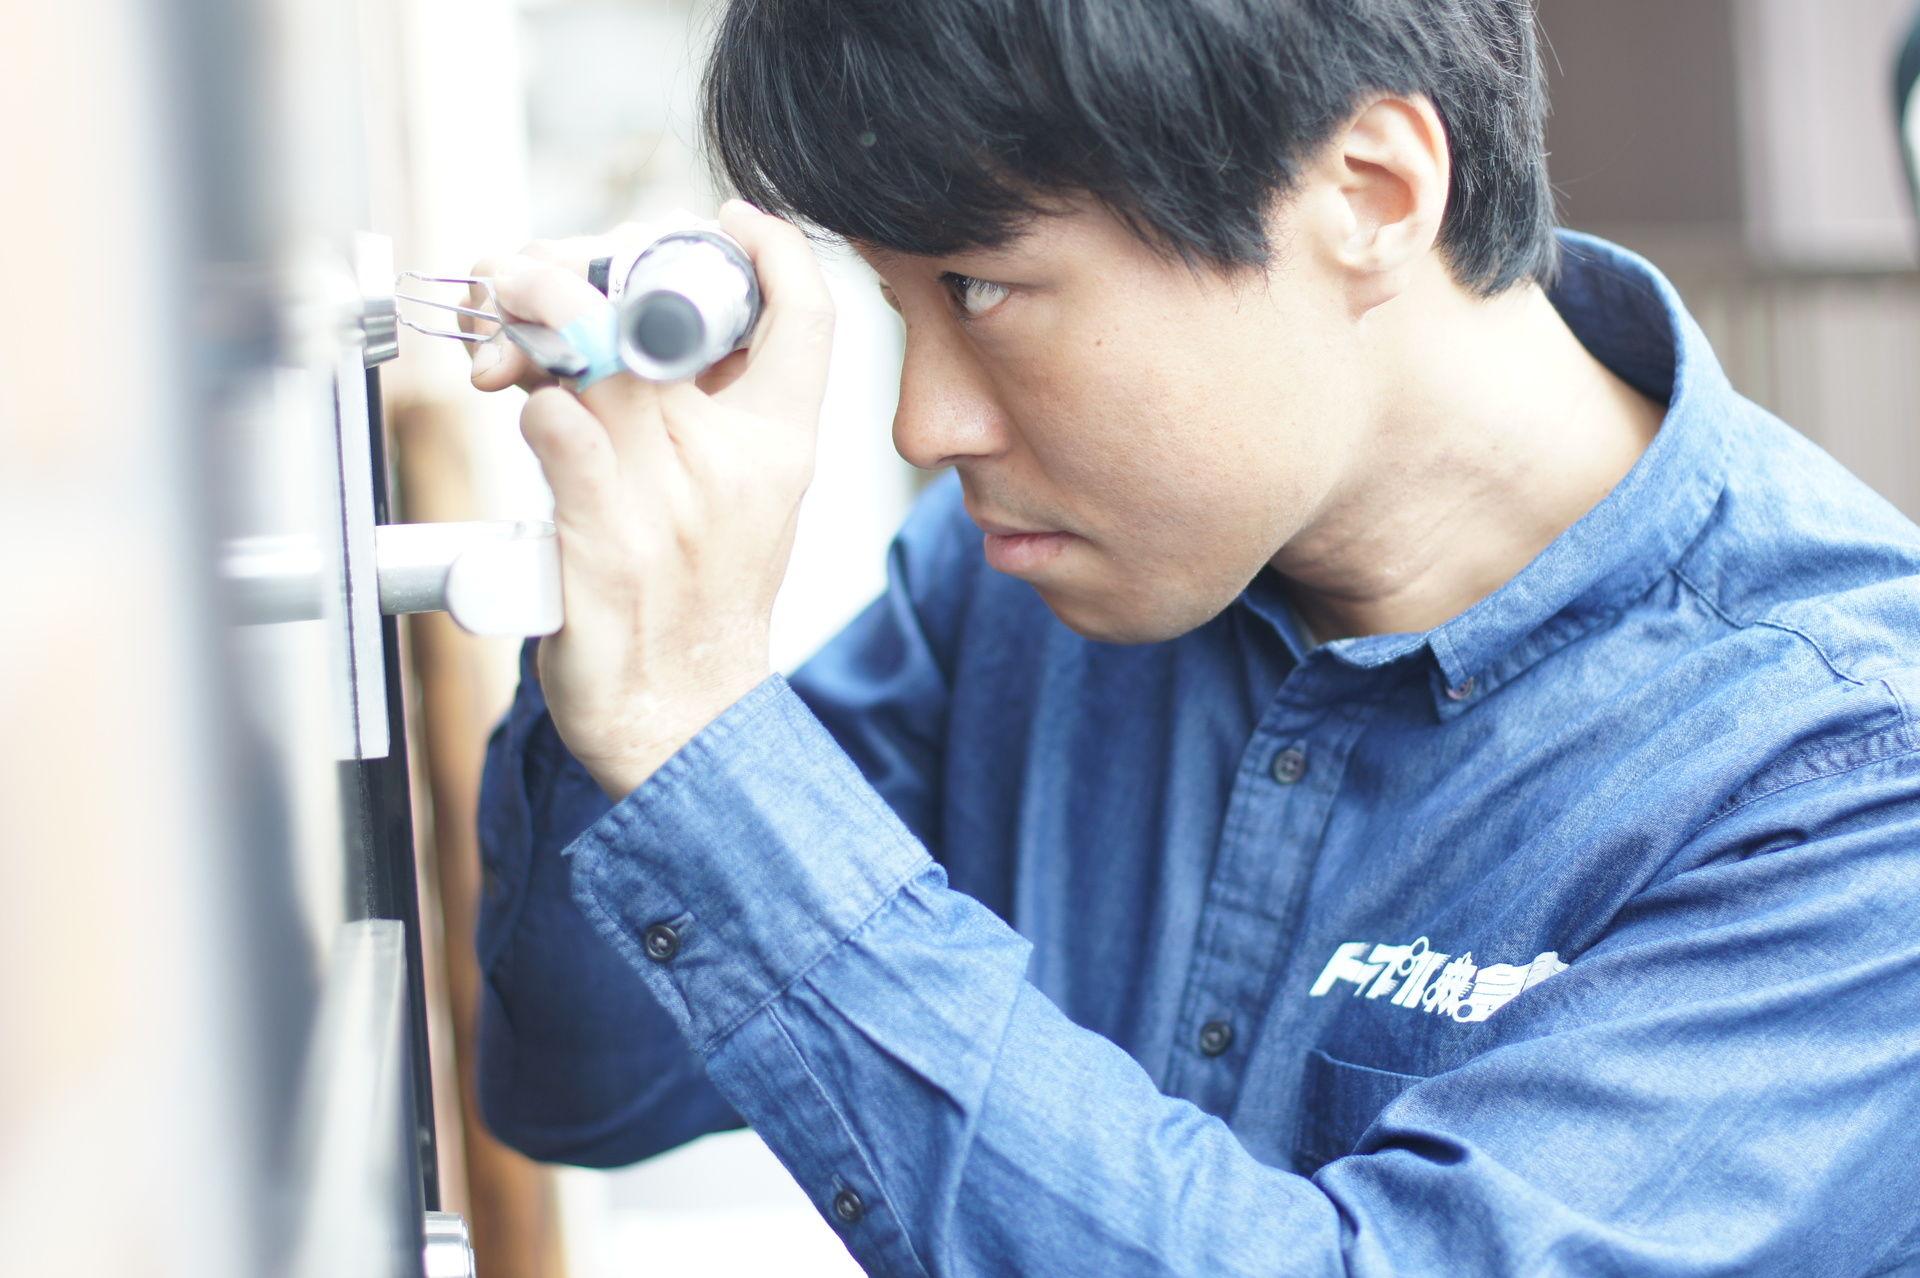 カギのトラブル救Q隊.24【名古屋市東区 出張エリア】のメイン画像